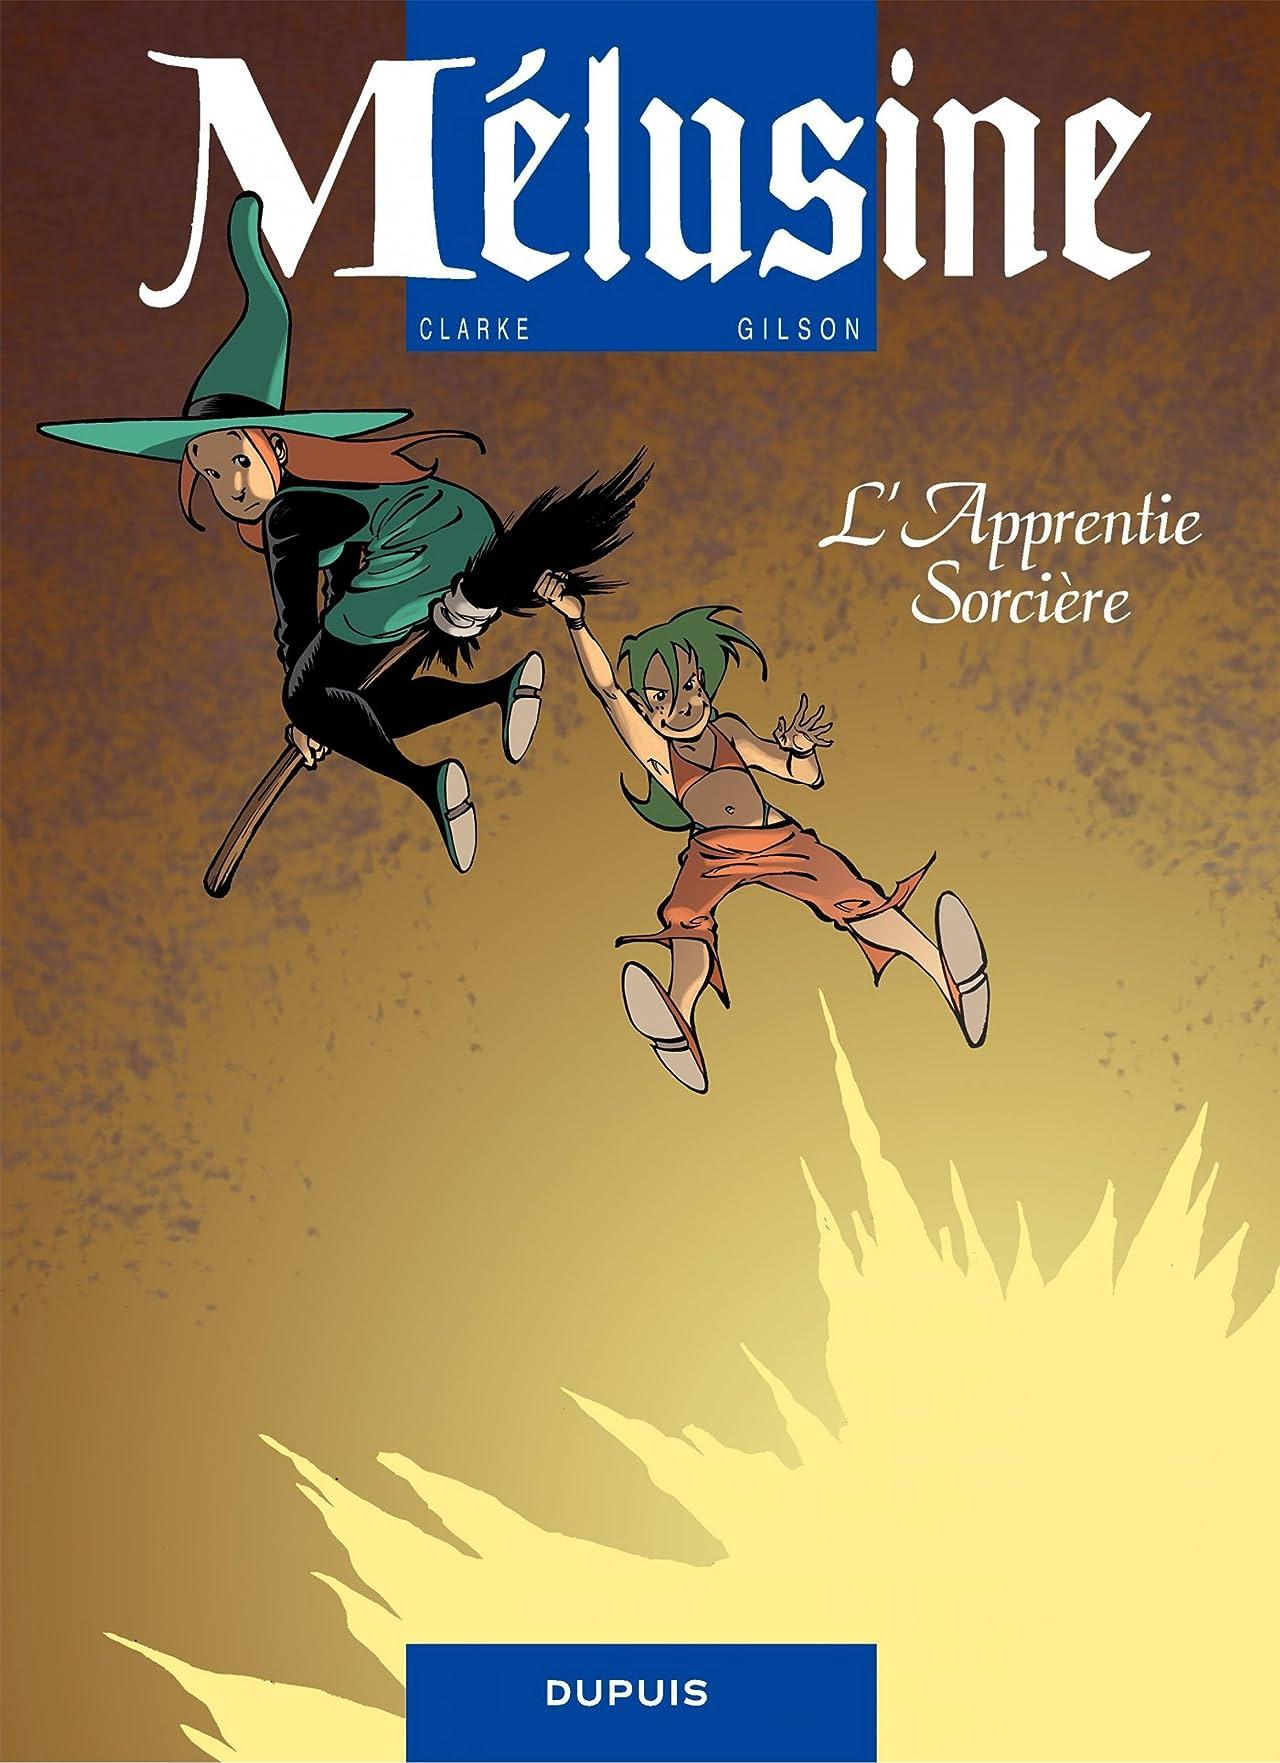 Mélusine Vol. 15: L'apprentie sorcière